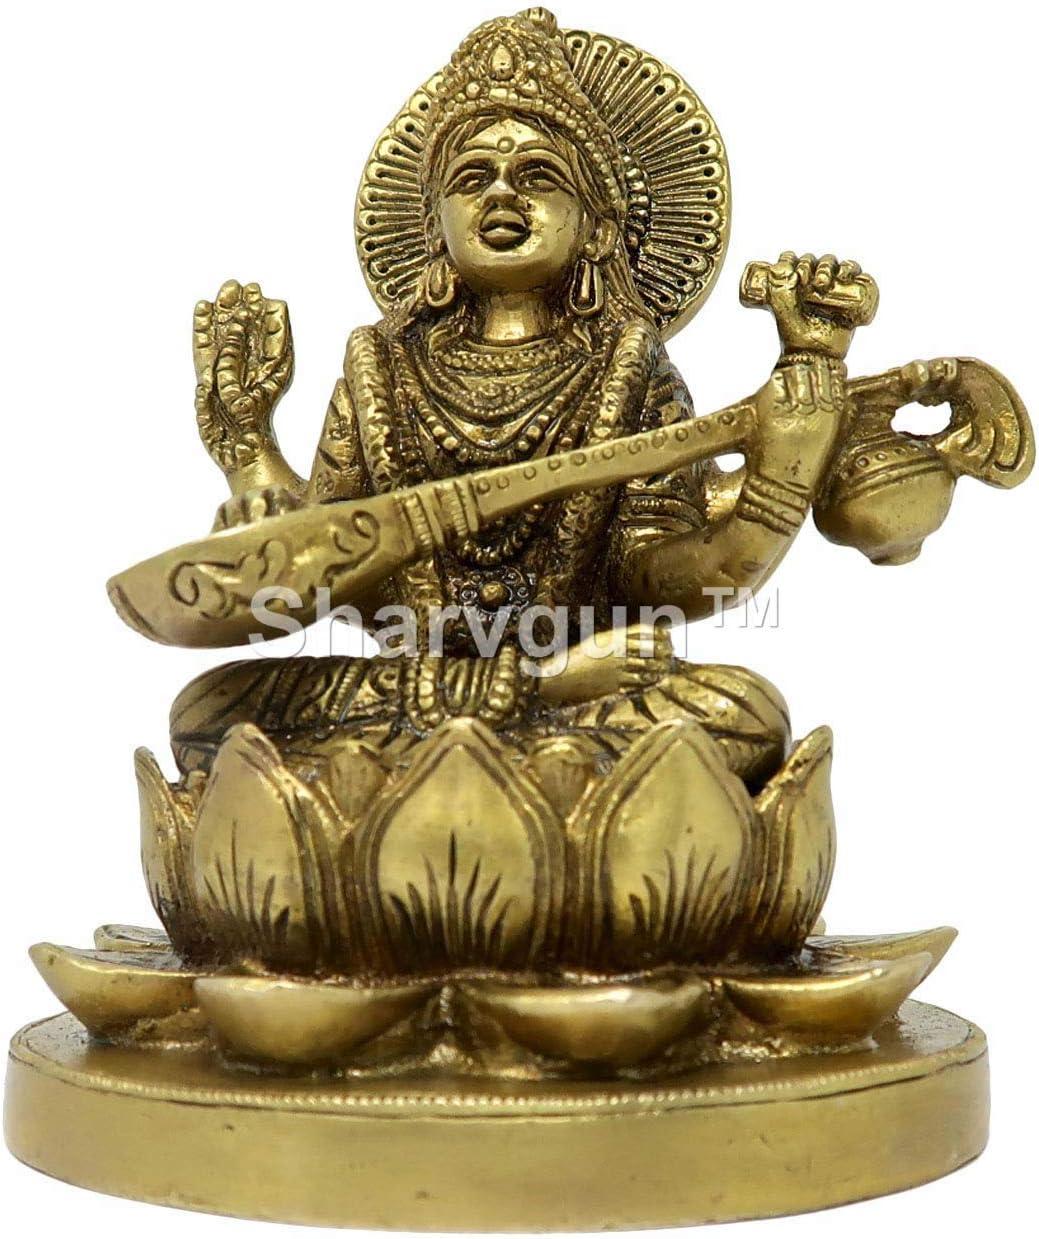 Sharvgun - Estatua de Diosa del Aprendizaje y Conocimiento Mata ...